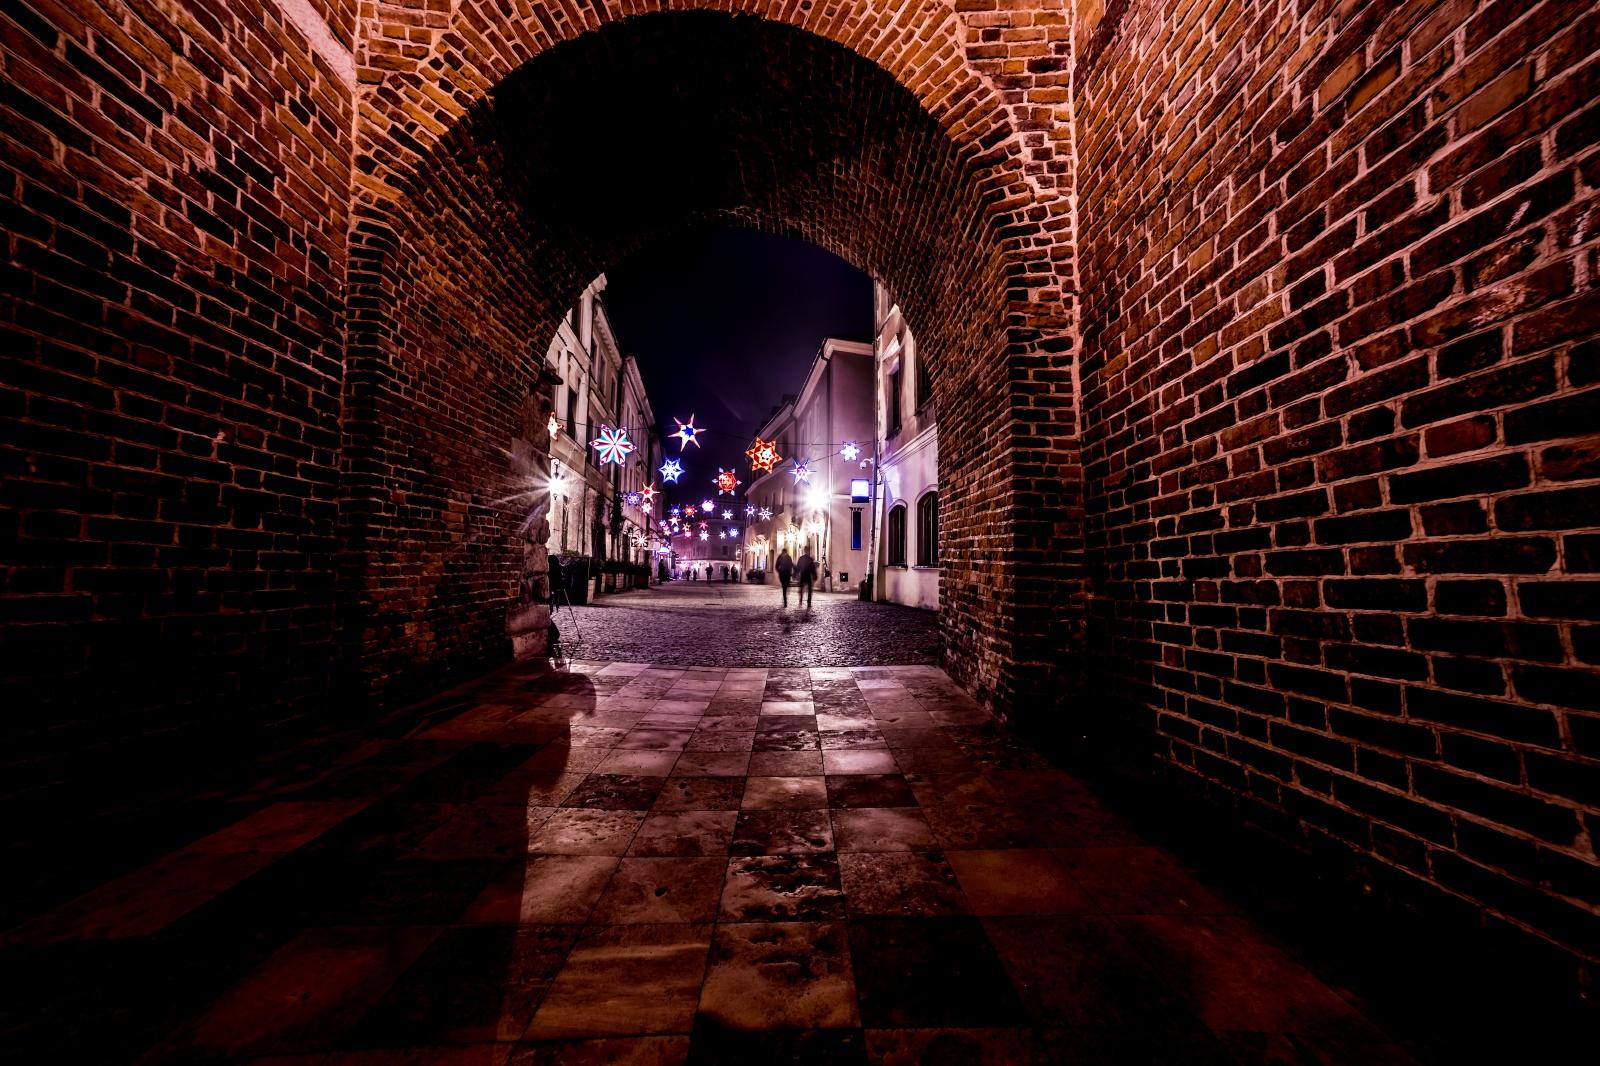 夜のルブリン 旧市街の風景